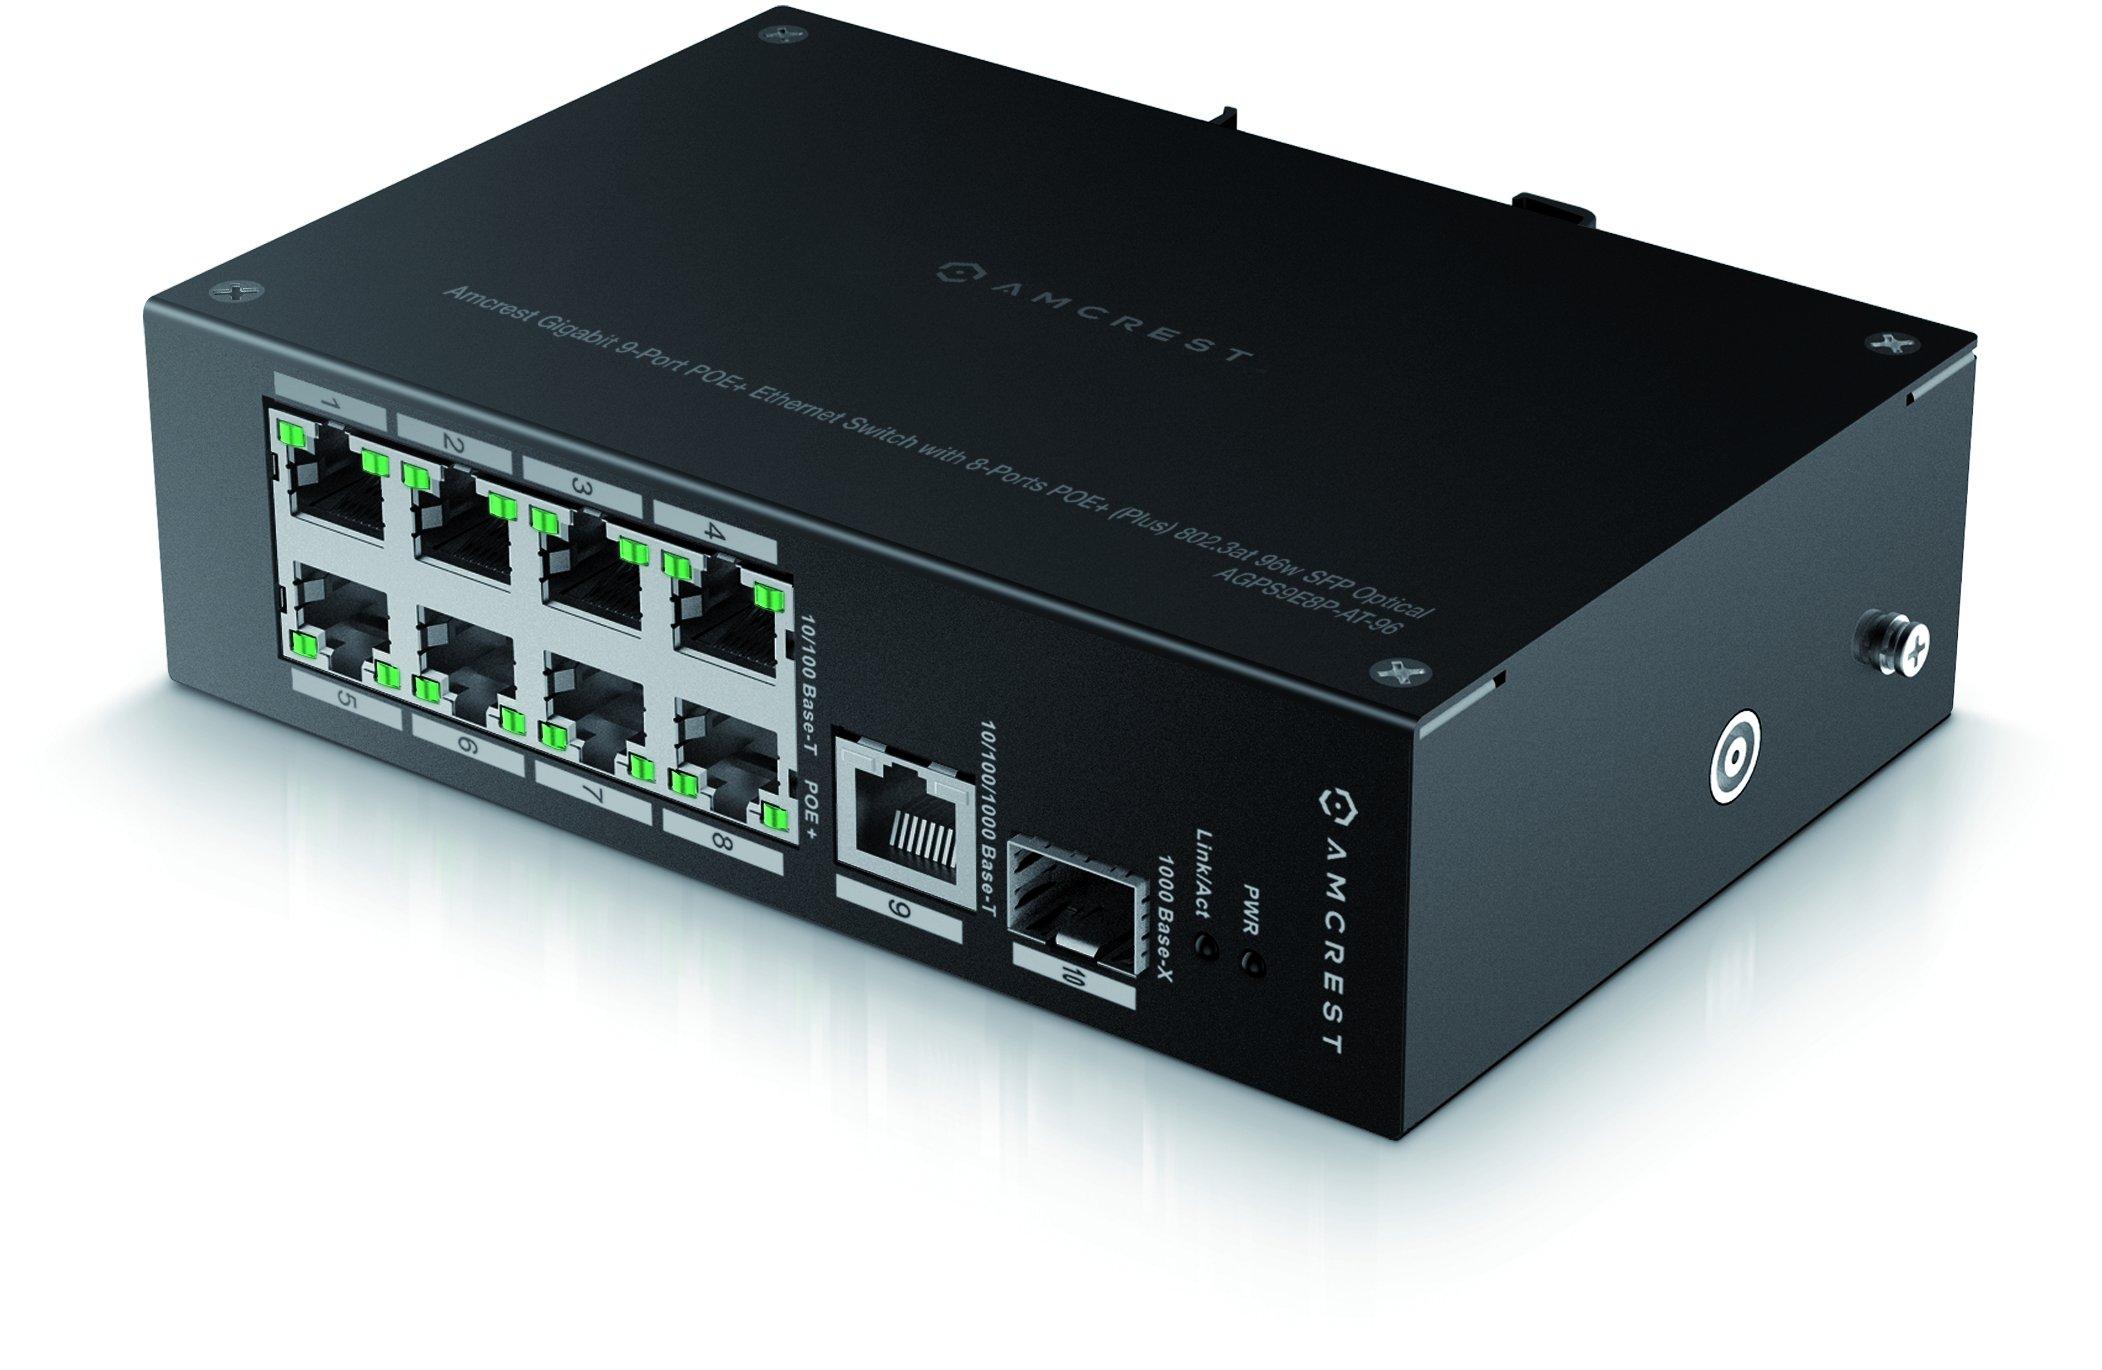 Amcrest Gigabit Uplink 9-Port Poe+ Ethernet Switch with Metal Housing